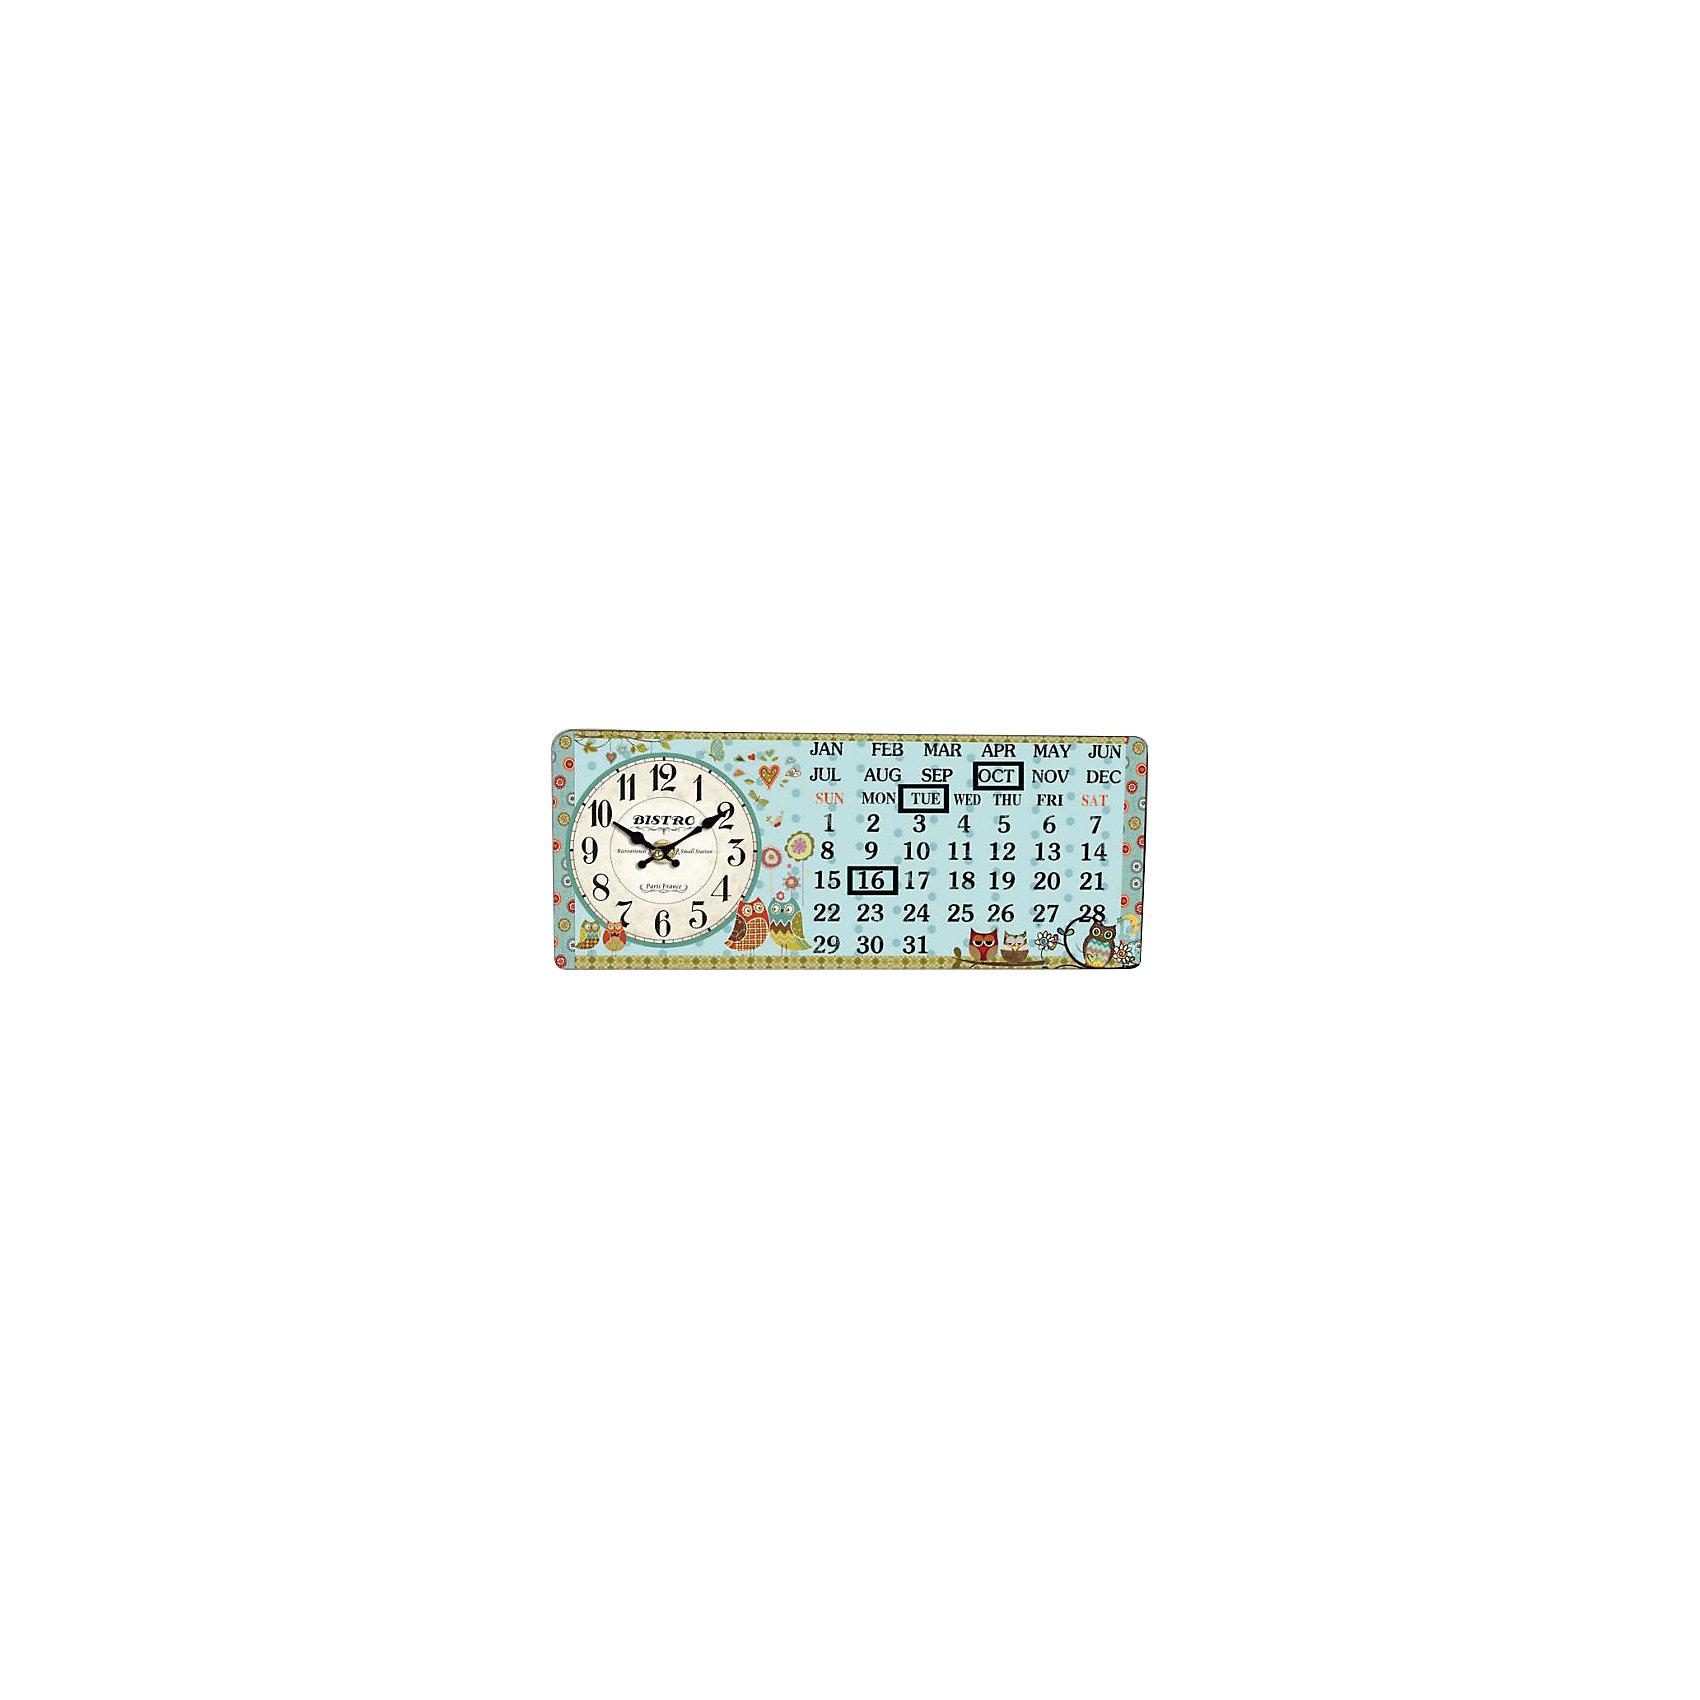 Настольные часы Совы с календаремНастольные часы Совы станут прекрасным подарком на любой праздник. Кварцевые часы с циферблатом прекрасно впишутся в любой интерьер и обязательно порадуют своего владельца. <br><br>Дополнительная информация:<br><br>- Размер: 35х14х7 см.<br>- Материал: МДФ, пластик, металл.  <br>- Без элемента питания.<br>- Кварцевые.<br>- С календарем.<br><br>Настольные часы Совы, с календарем, можно купить в нашем магазине.<br><br>Ширина мм: 350<br>Глубина мм: 140<br>Высота мм: 70<br>Вес г: 458<br>Возраст от месяцев: 36<br>Возраст до месяцев: 2147483647<br>Пол: Женский<br>Возраст: Детский<br>SKU: 4087349